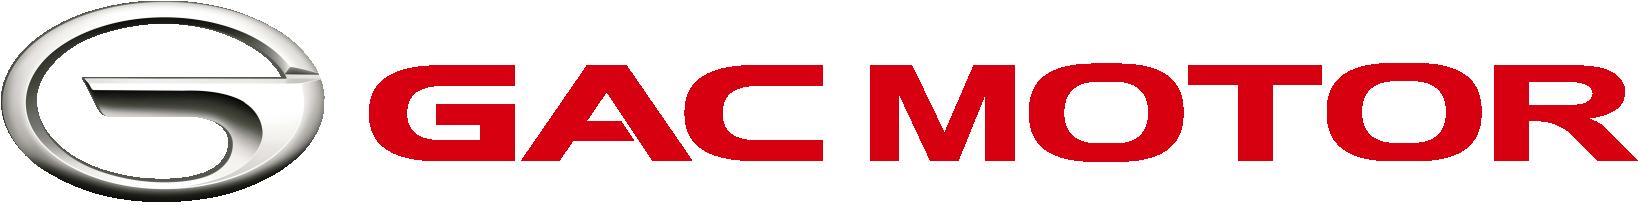 GAC Motor Logo png